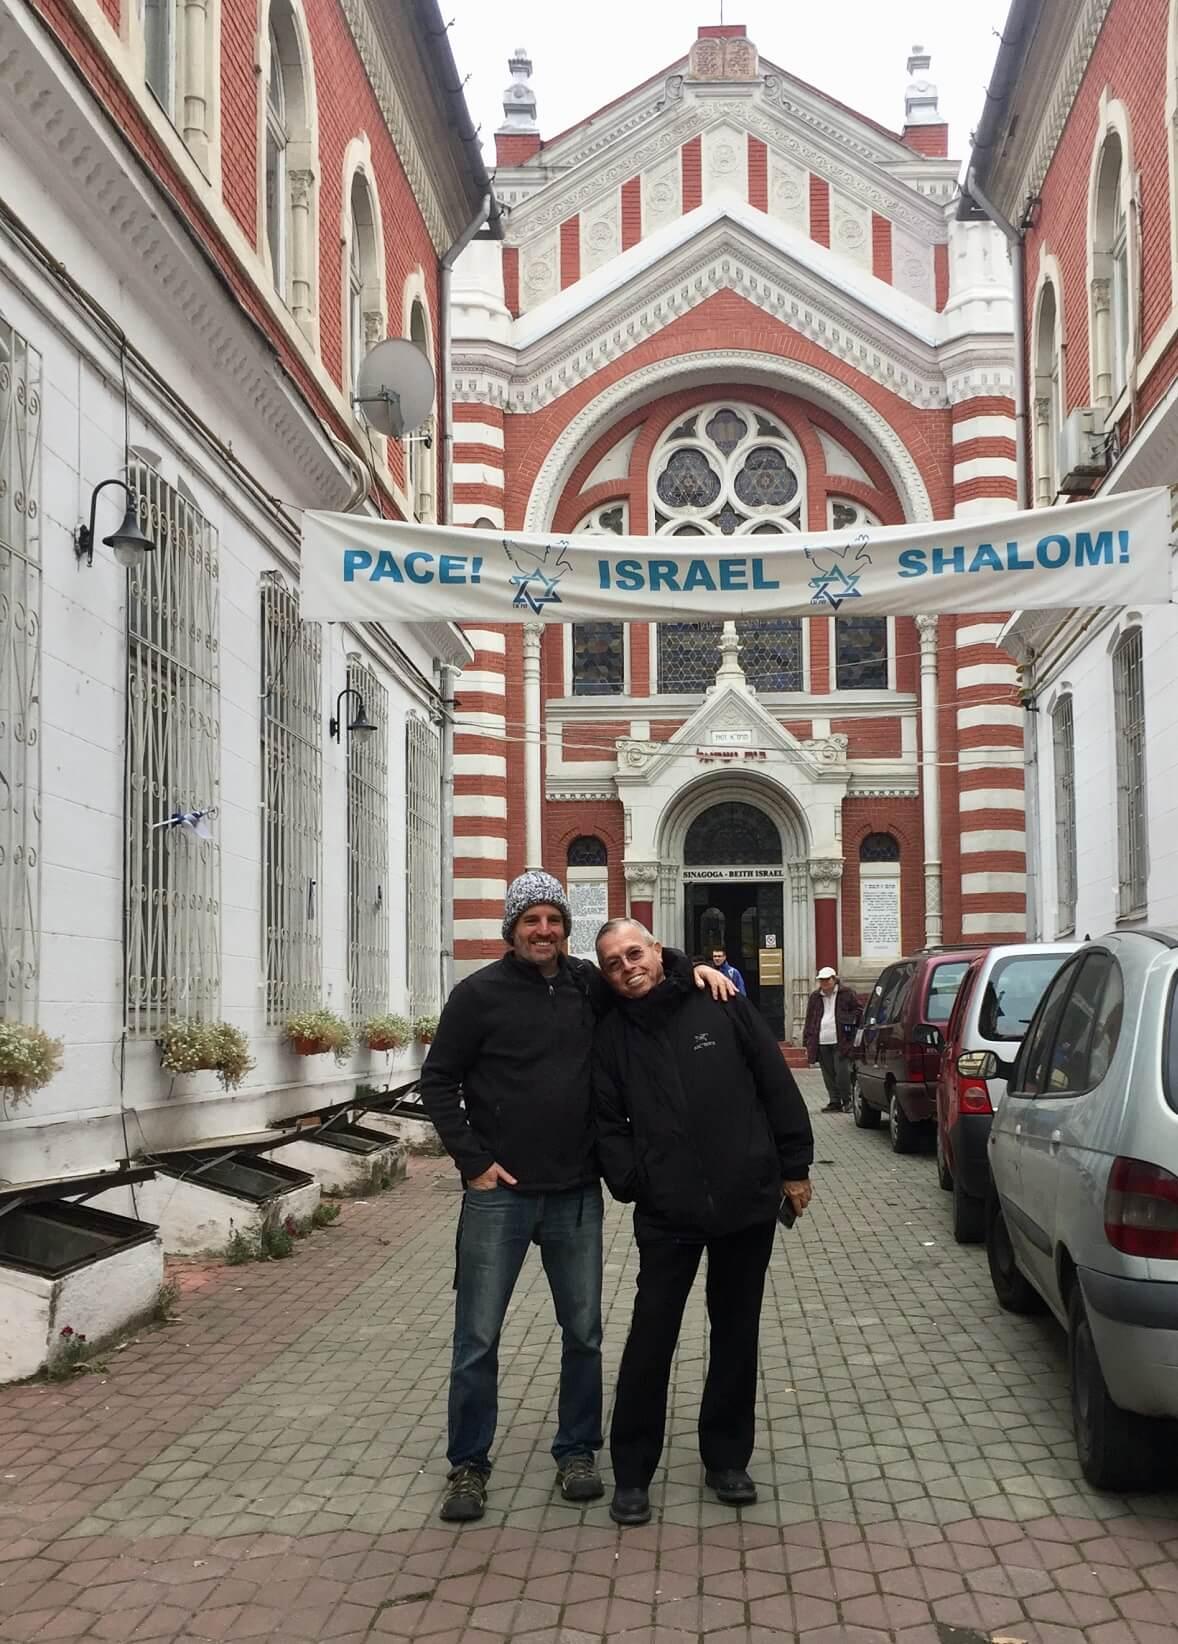 בית כנסת בעיר בראשוב